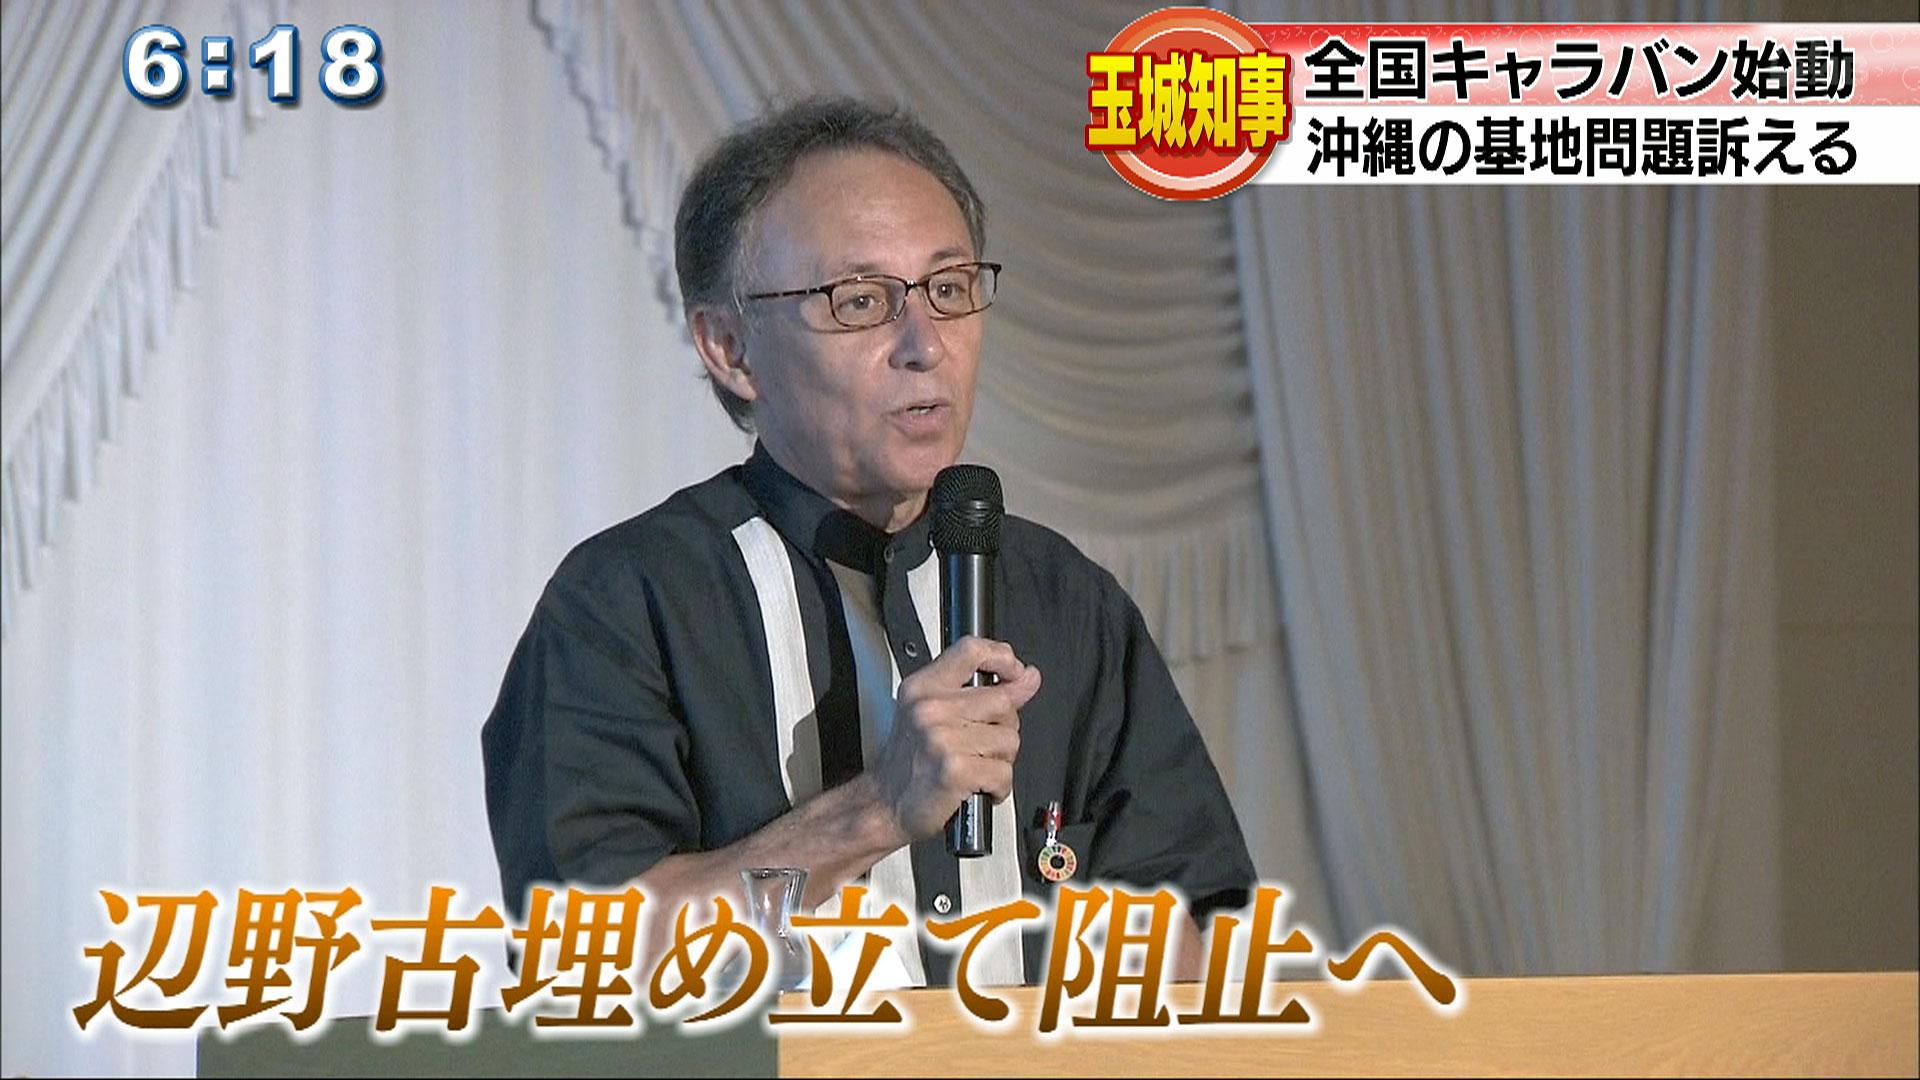 玉城知事の全国キャラバン 東京シンポジウム